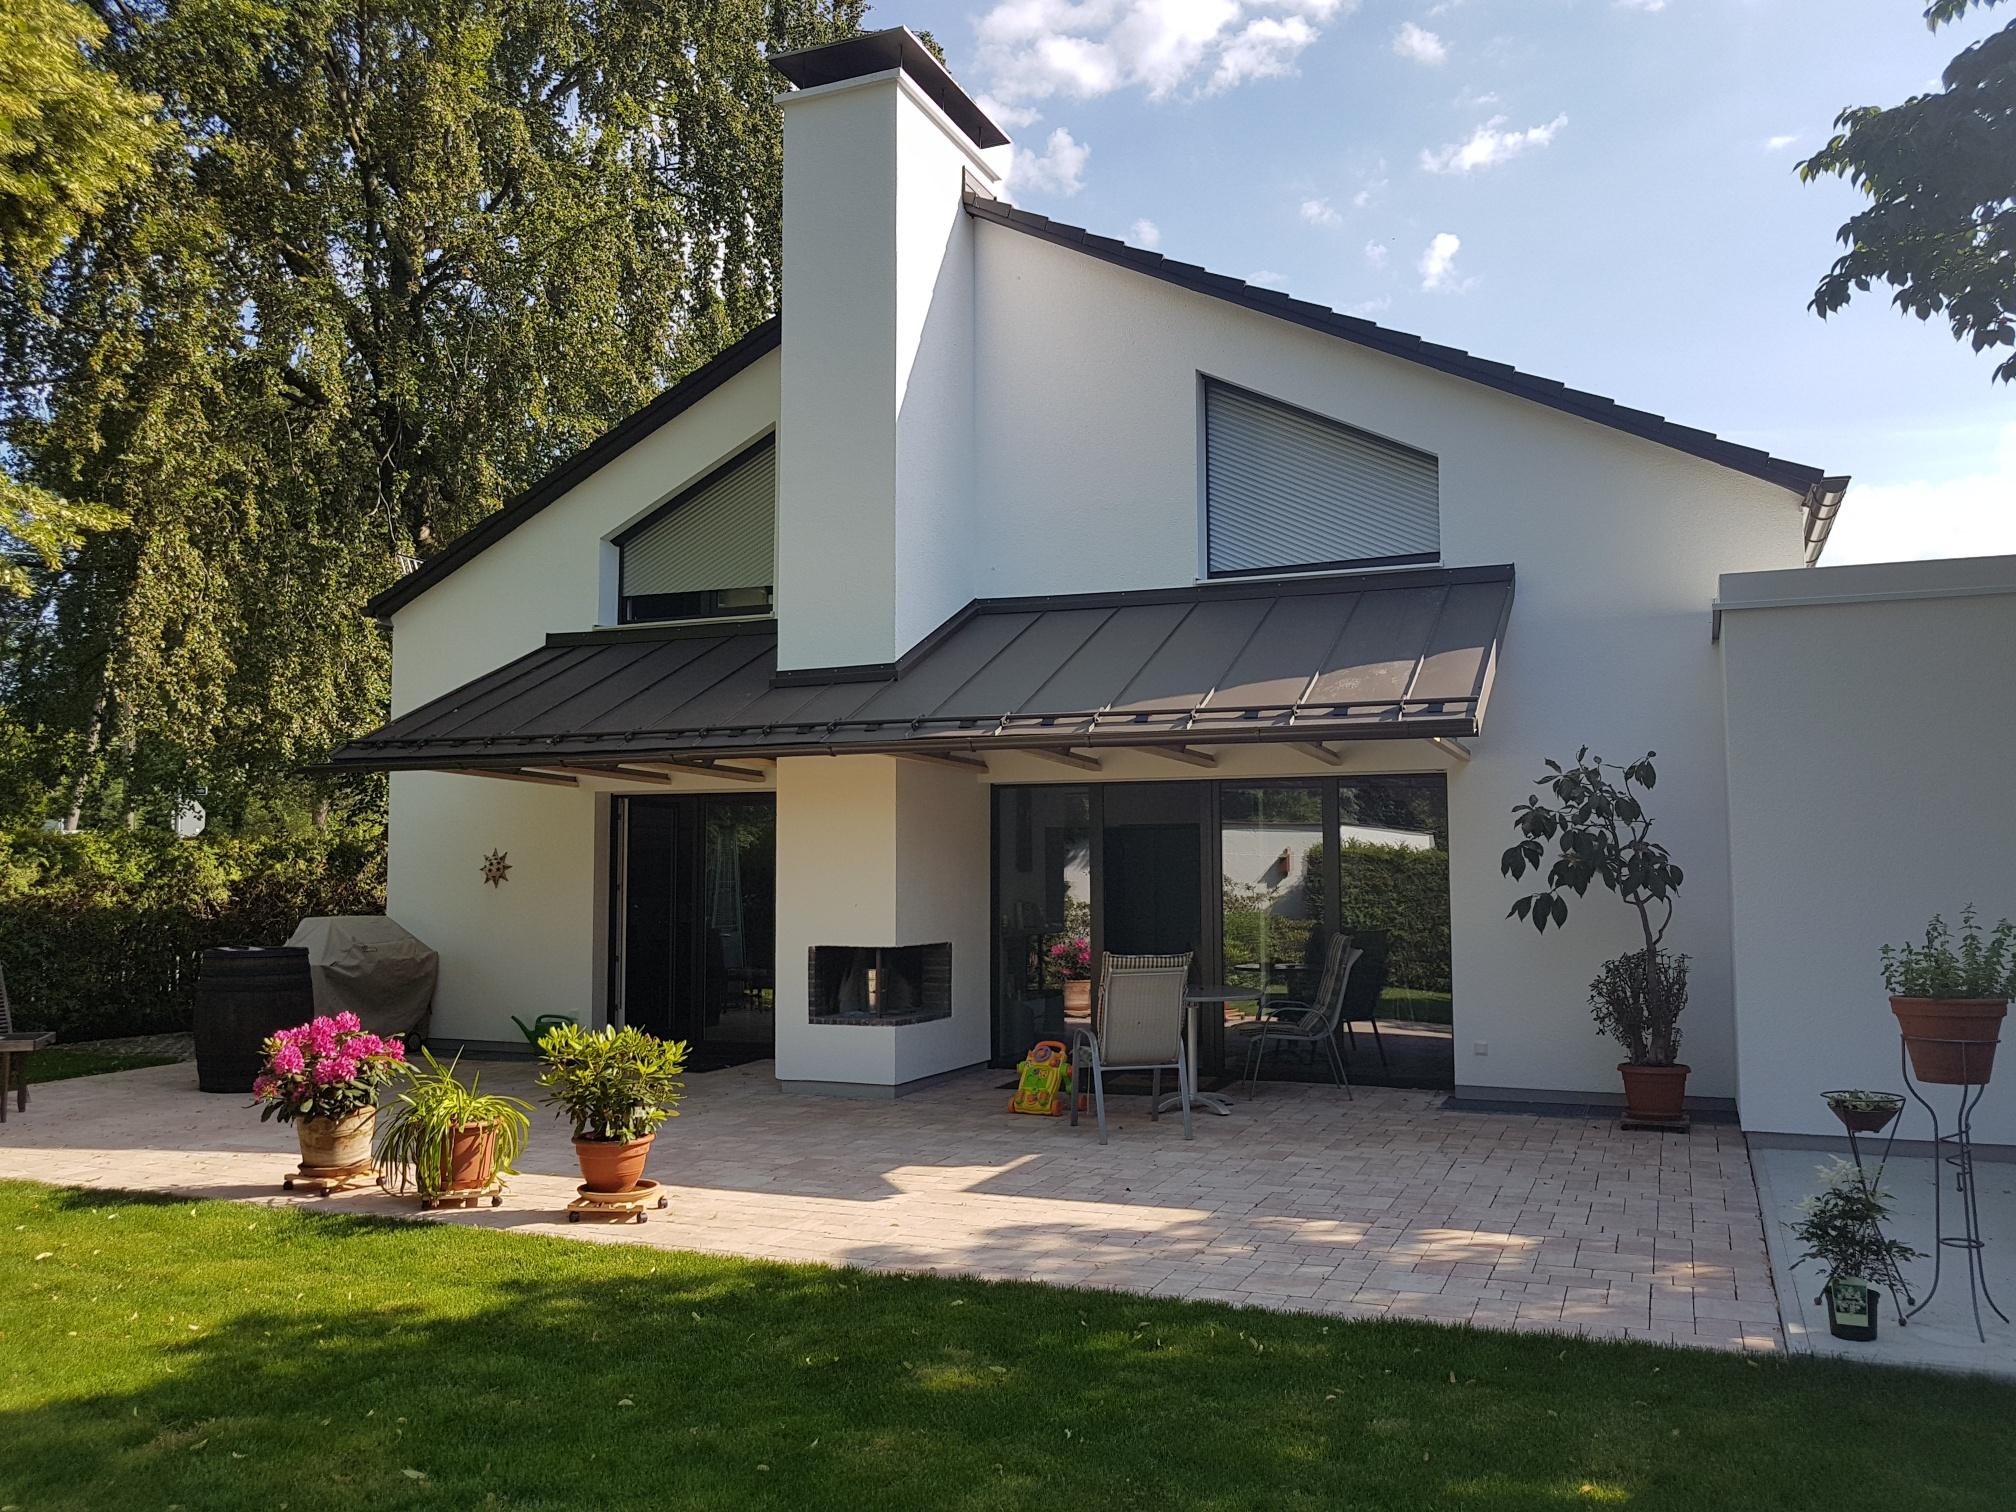 Wohnhäuser verschönern - innen wie außen